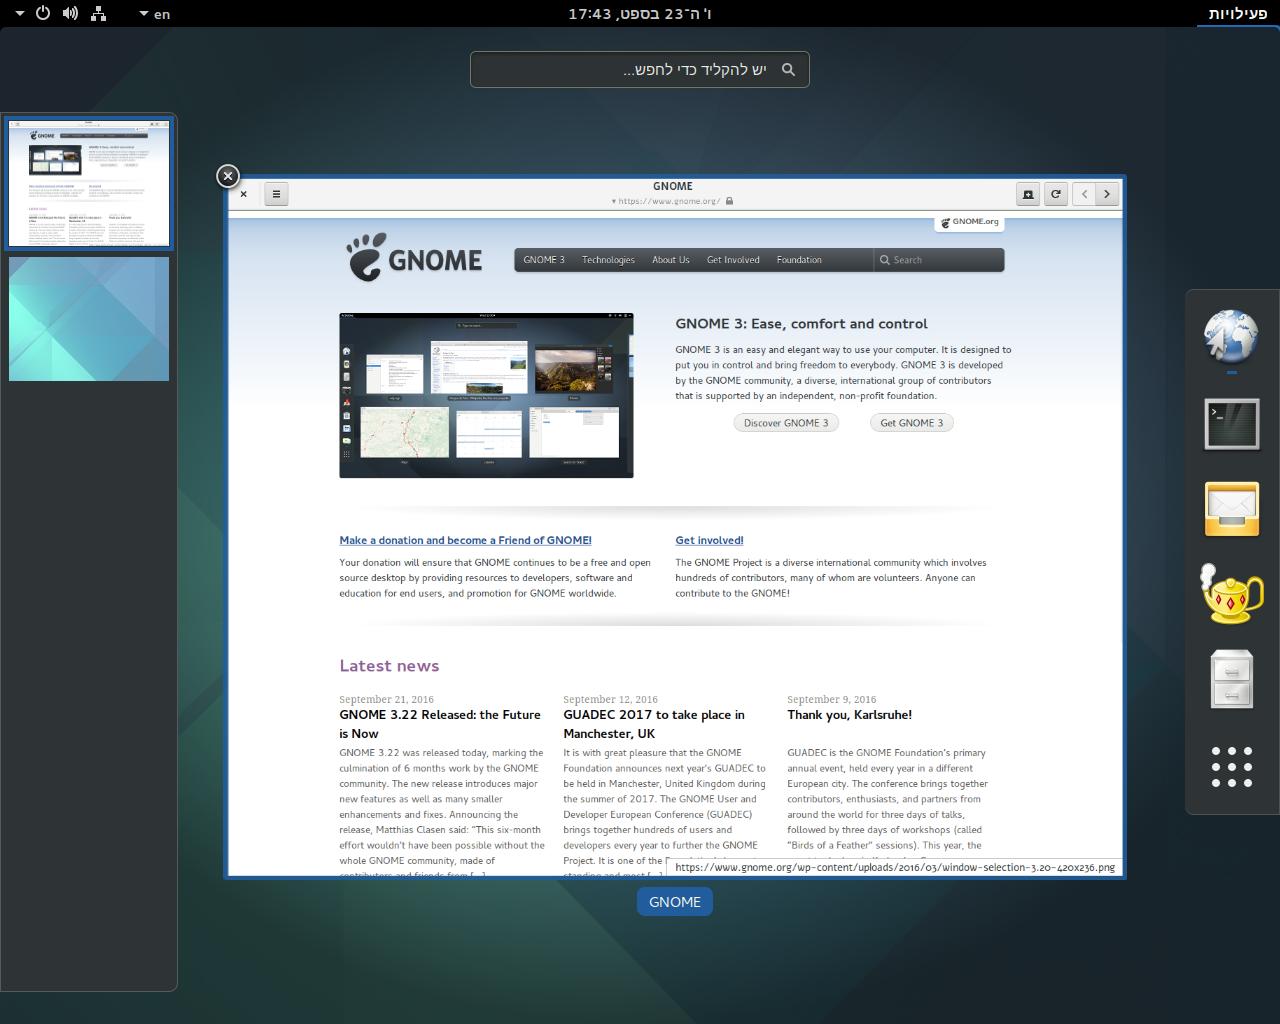 GNOME 3.22 Hebrew